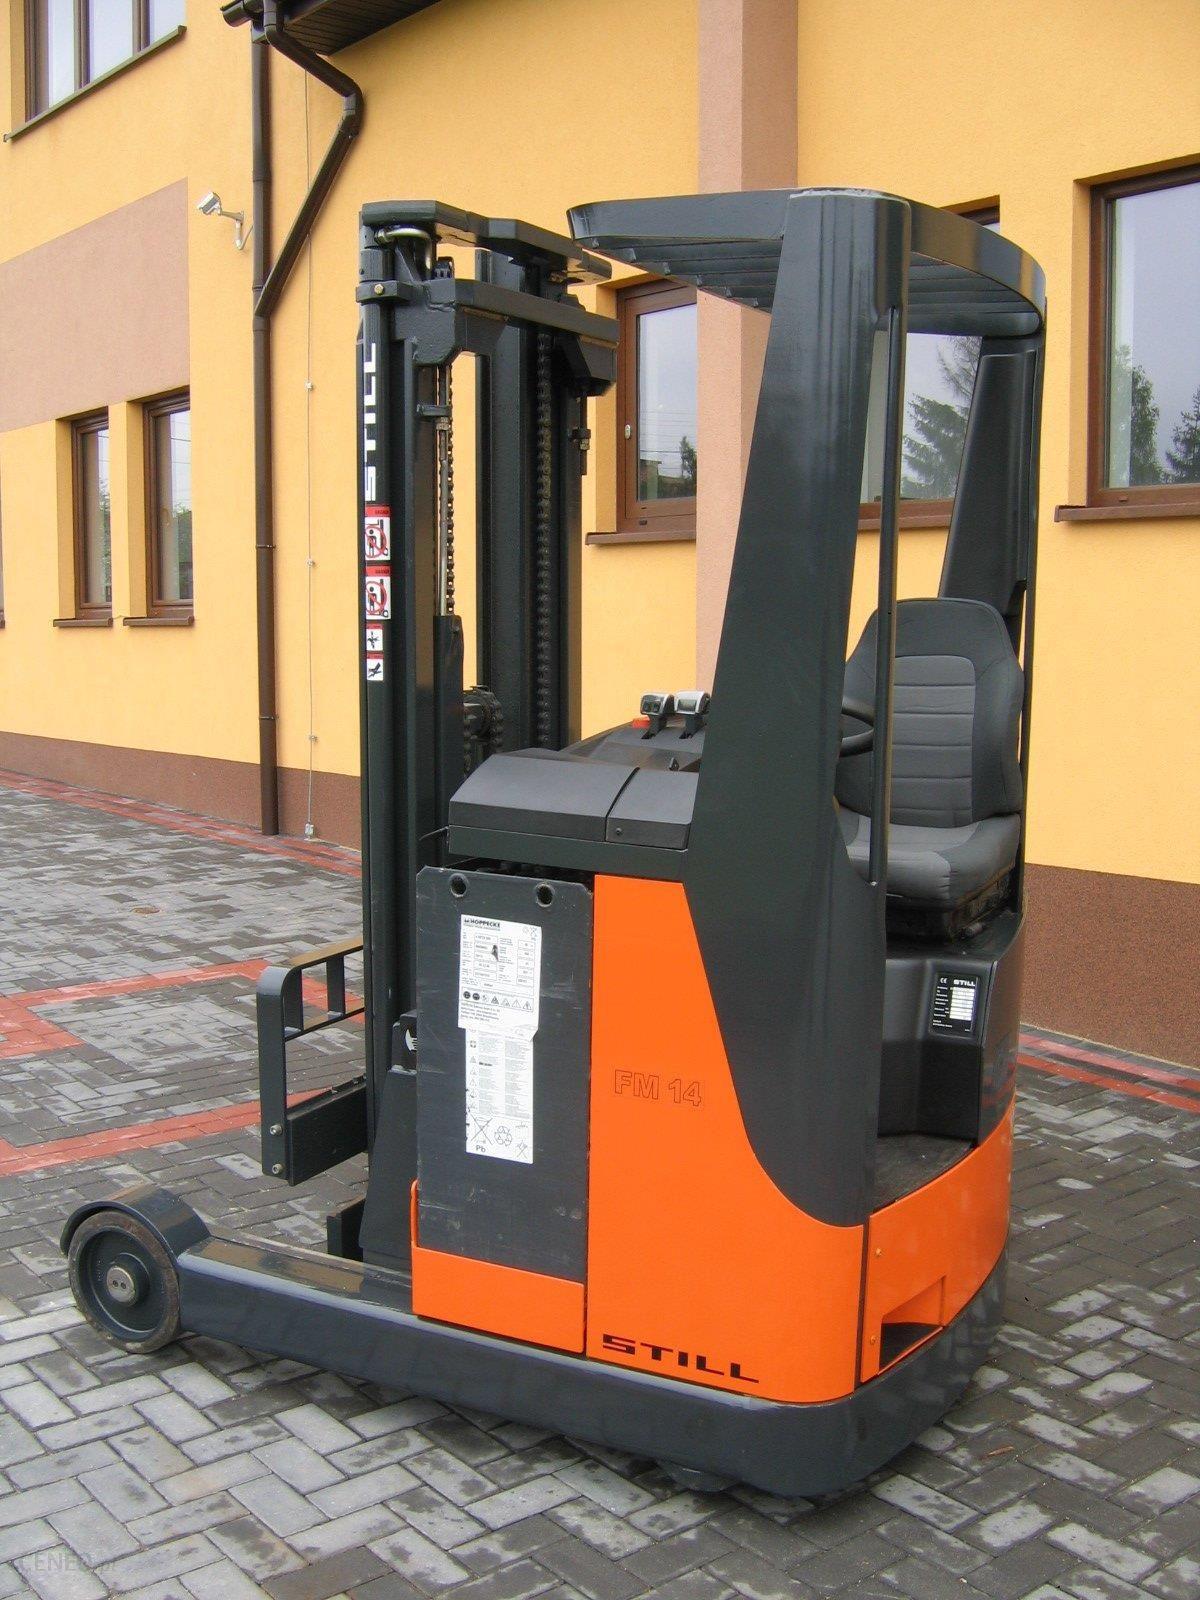 Modernistyczne Wózek widłowy Still FM 14 - Opinie i ceny na Ceneo.pl HV75